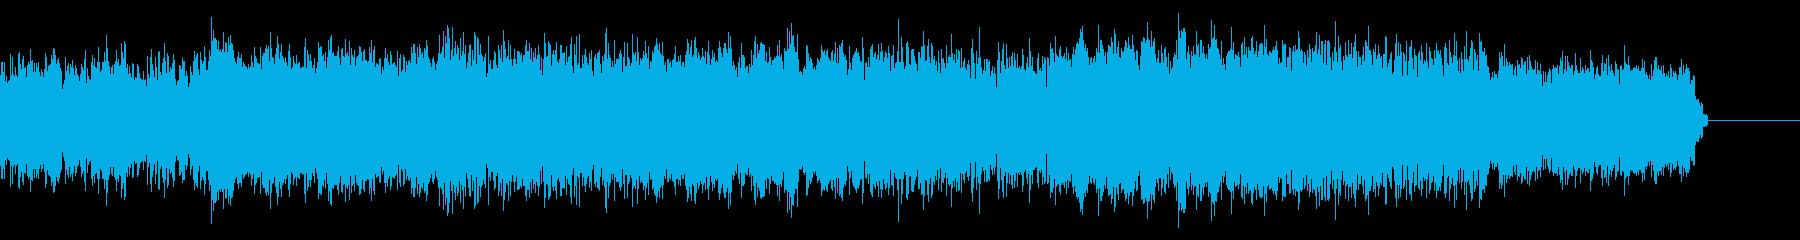 奇妙なシネマティックIDMの再生済みの波形